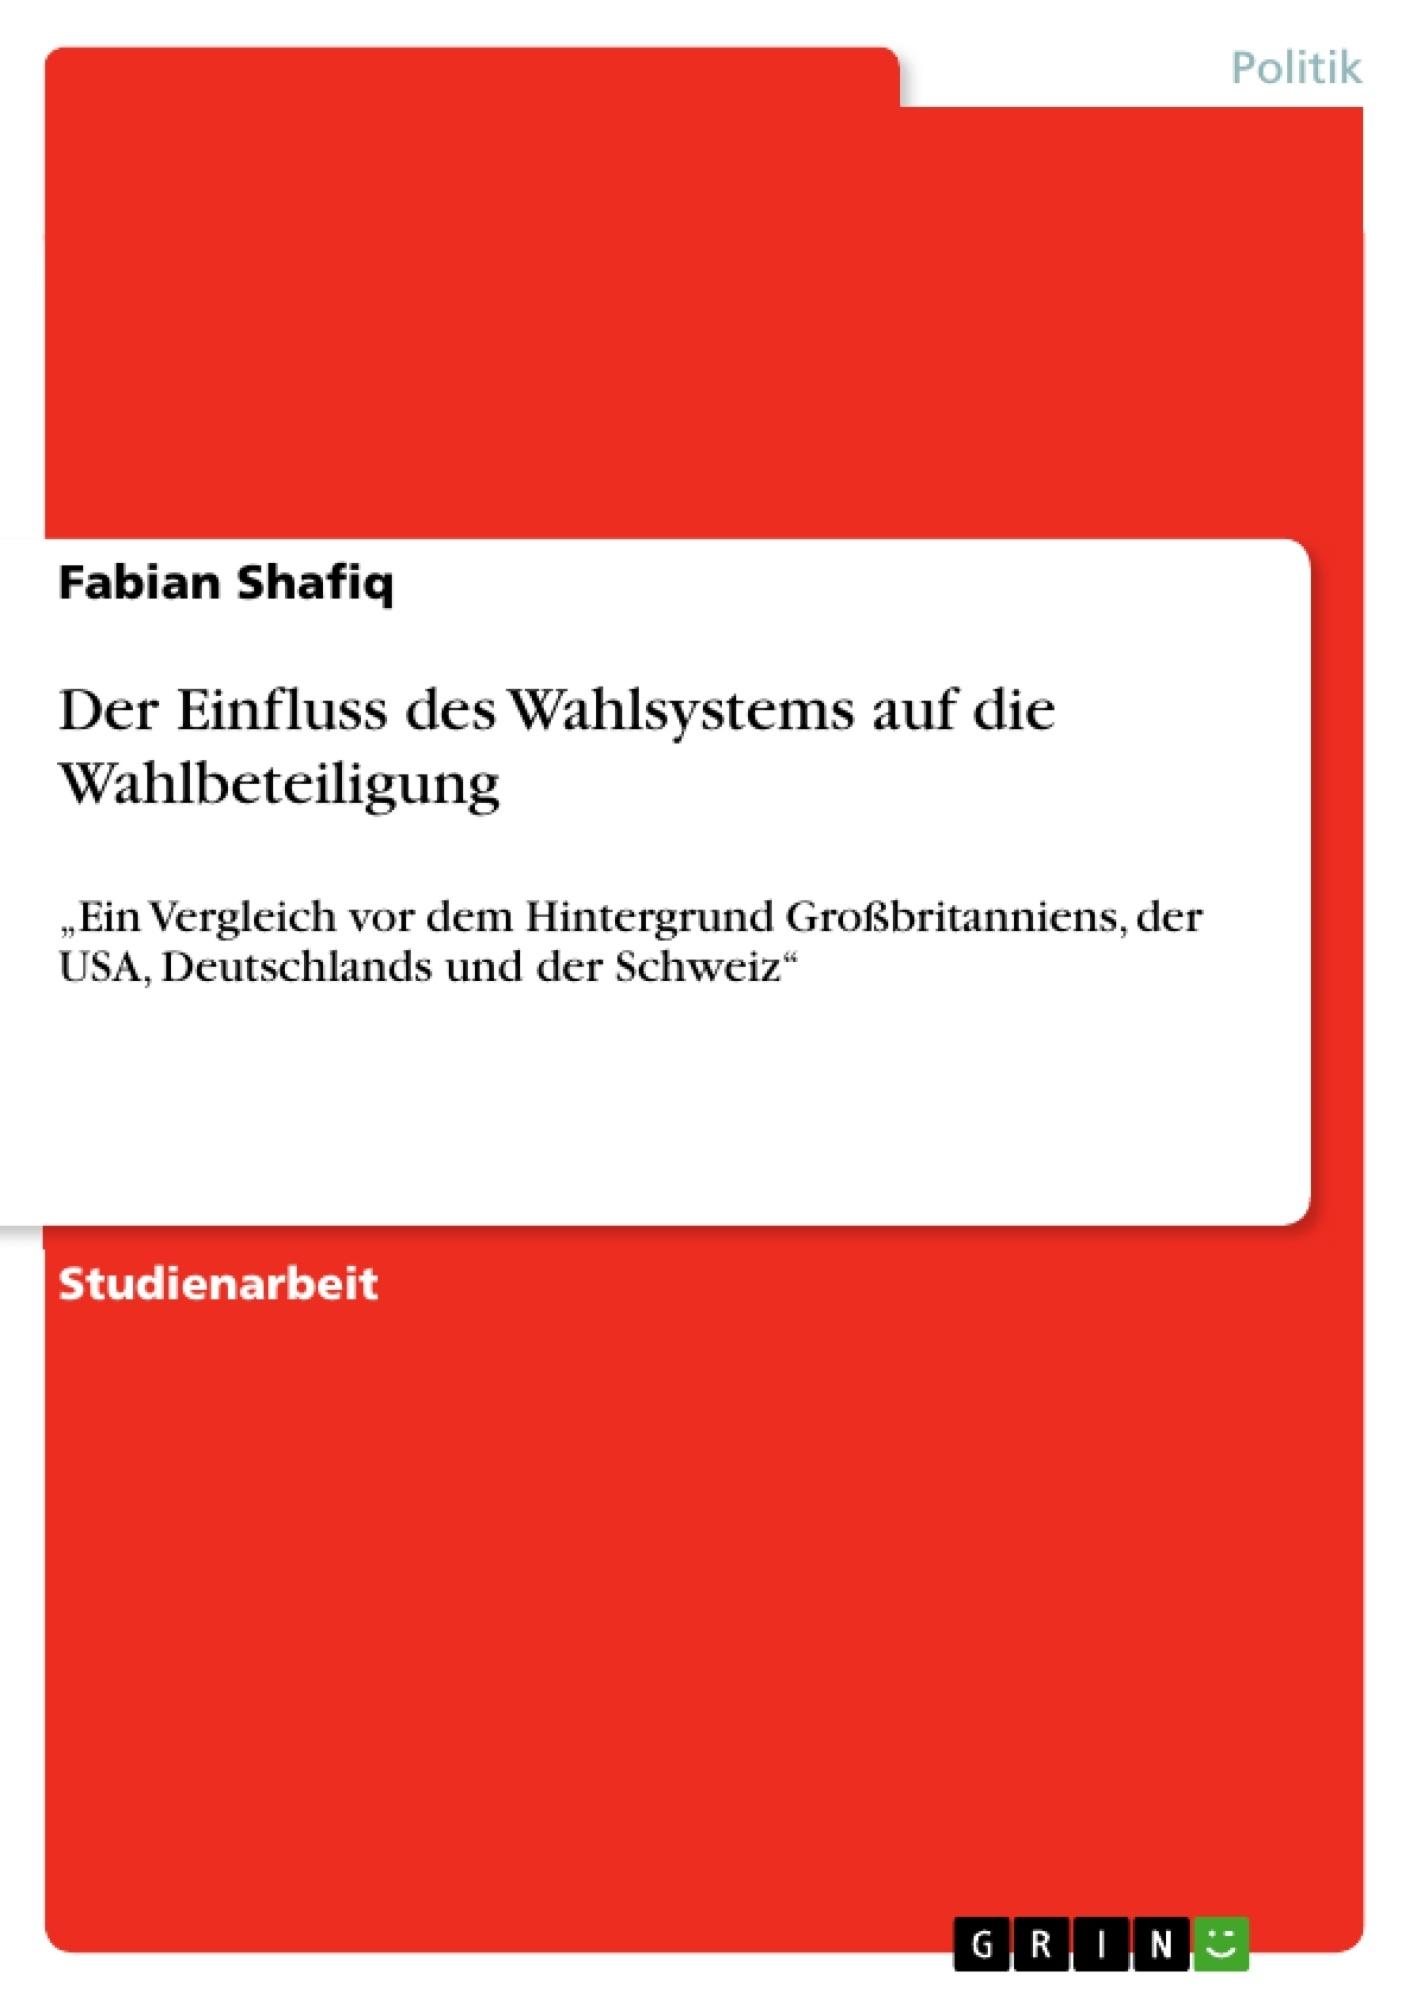 Titel: Der Einfluss des Wahlsystems auf die Wahlbeteiligung